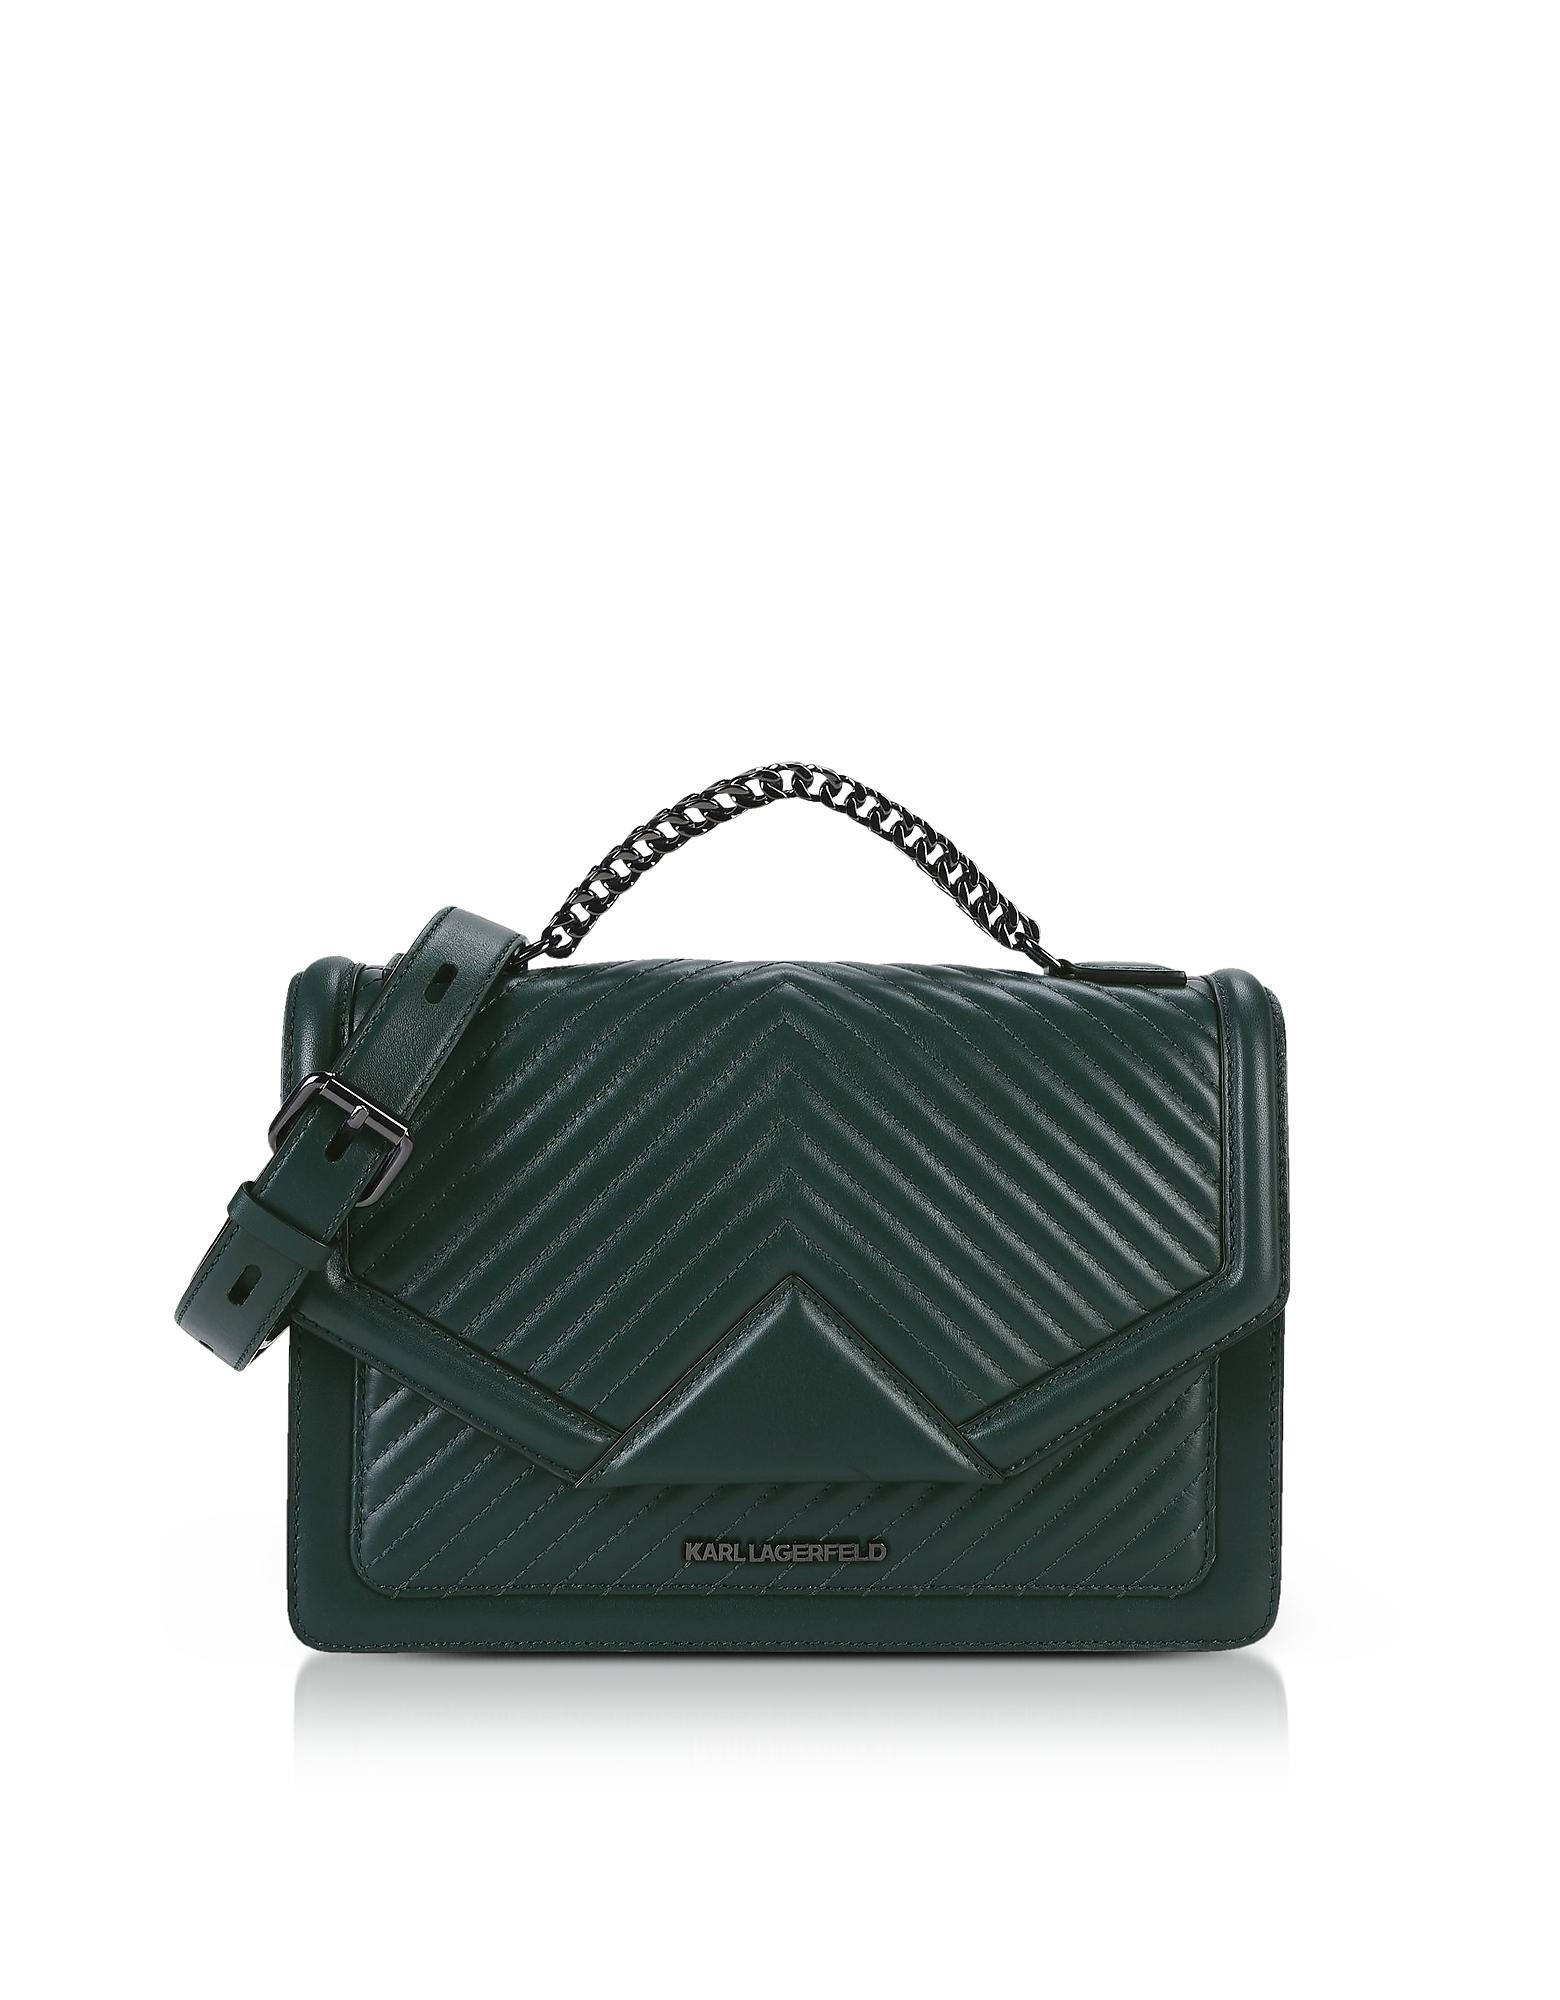 Karl Lagerfeld Handbags, K/Klassik Quilted Shoulder Bag